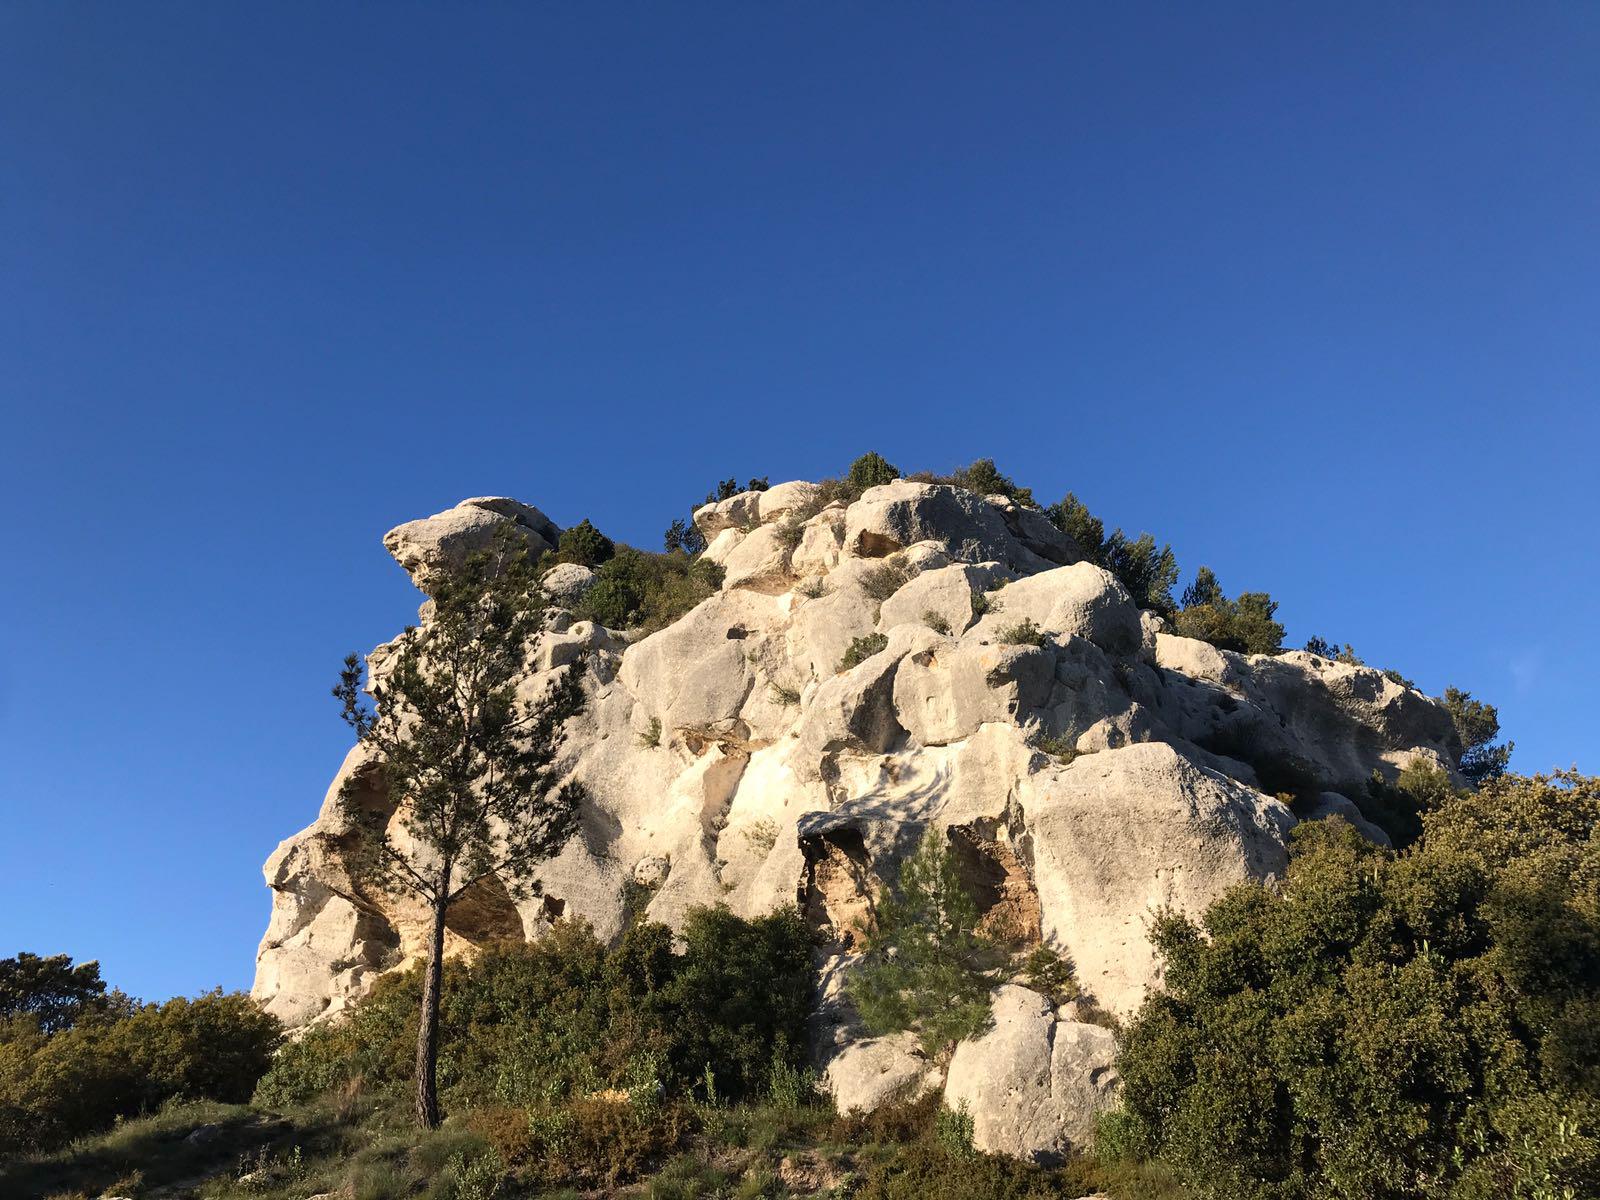 Randonnée dans le Parc Naturel Régional des Alpilles